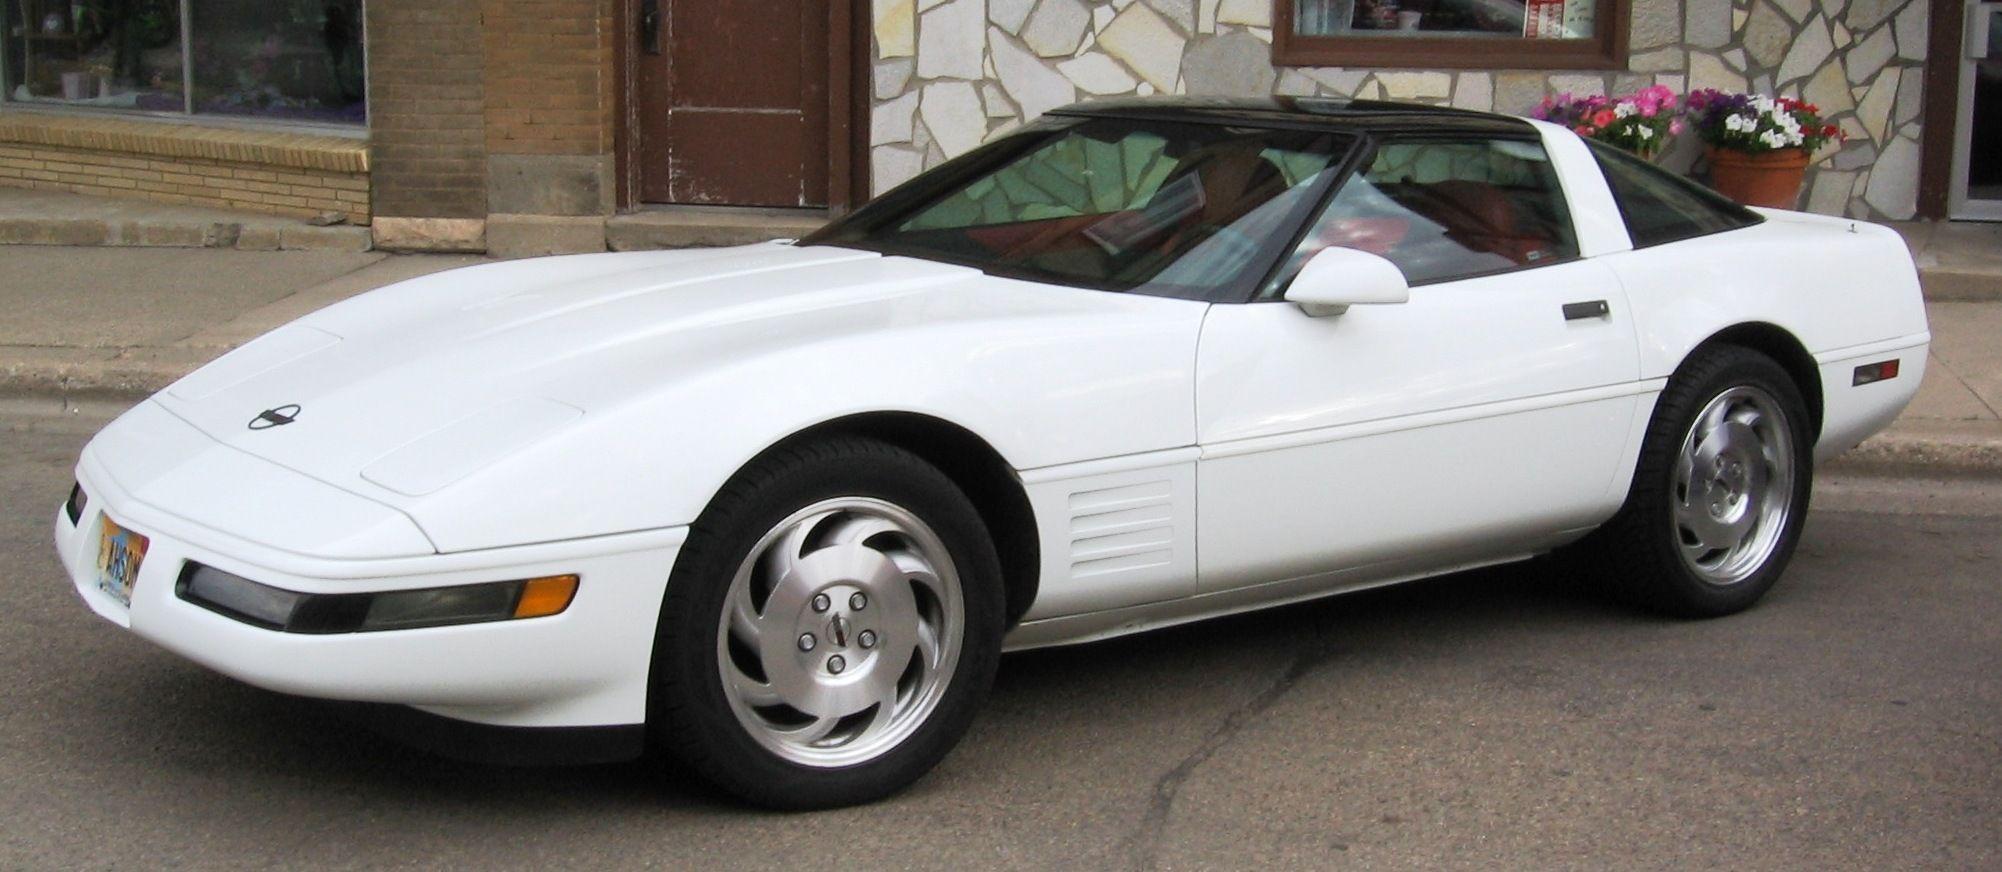 Corvette 1994 chevy corvette : 1994 Corvette | Corvette History Timeline | Pinterest | Chevrolet ...